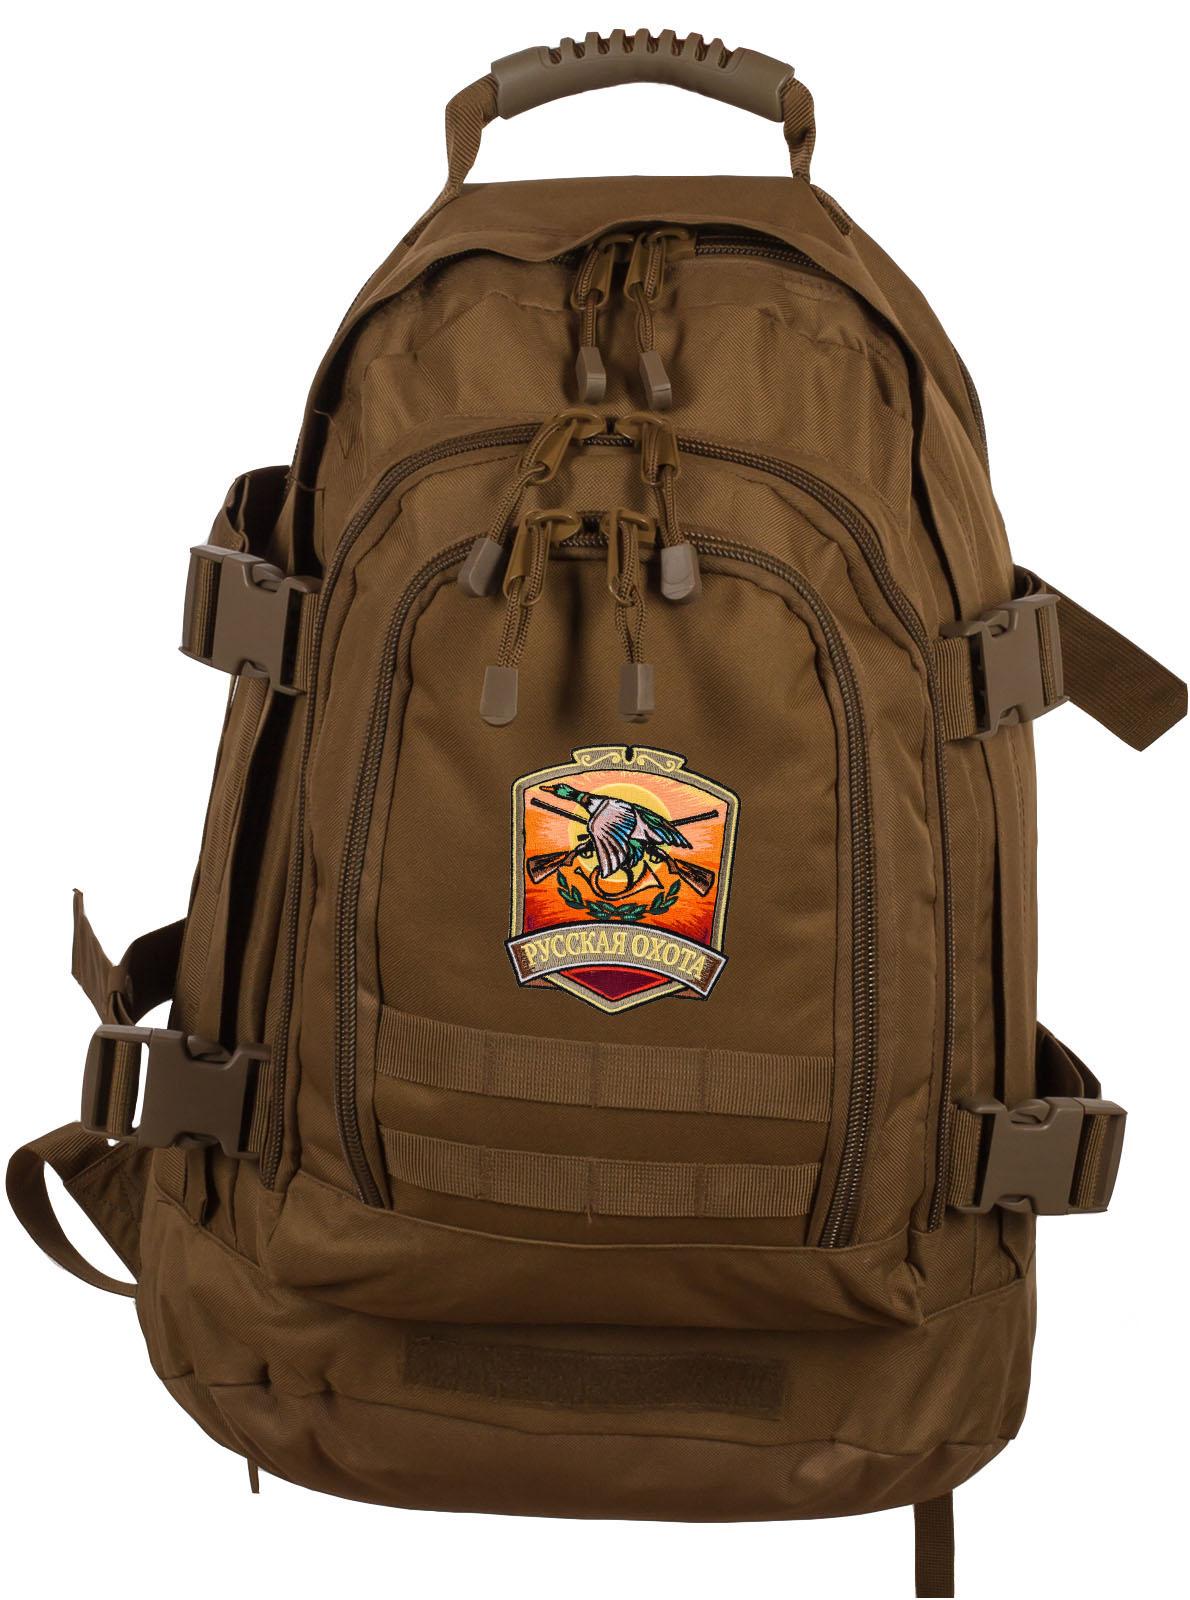 Стильный рюкзак для мужчины с нашивкой Русская Охота - заказать оптом